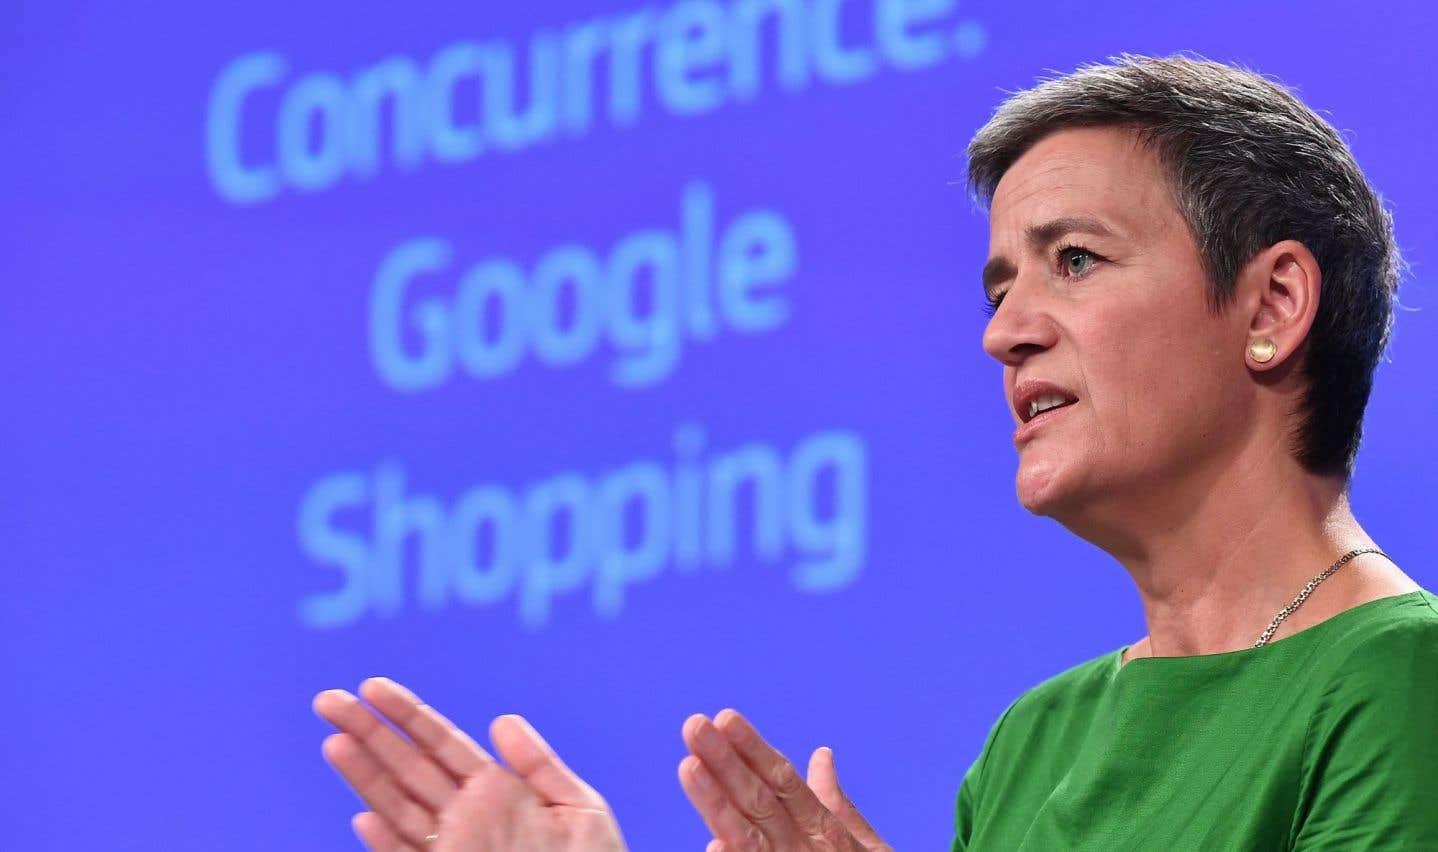 L'UE inflige une amende record de 2,42milliards d'euros à Google